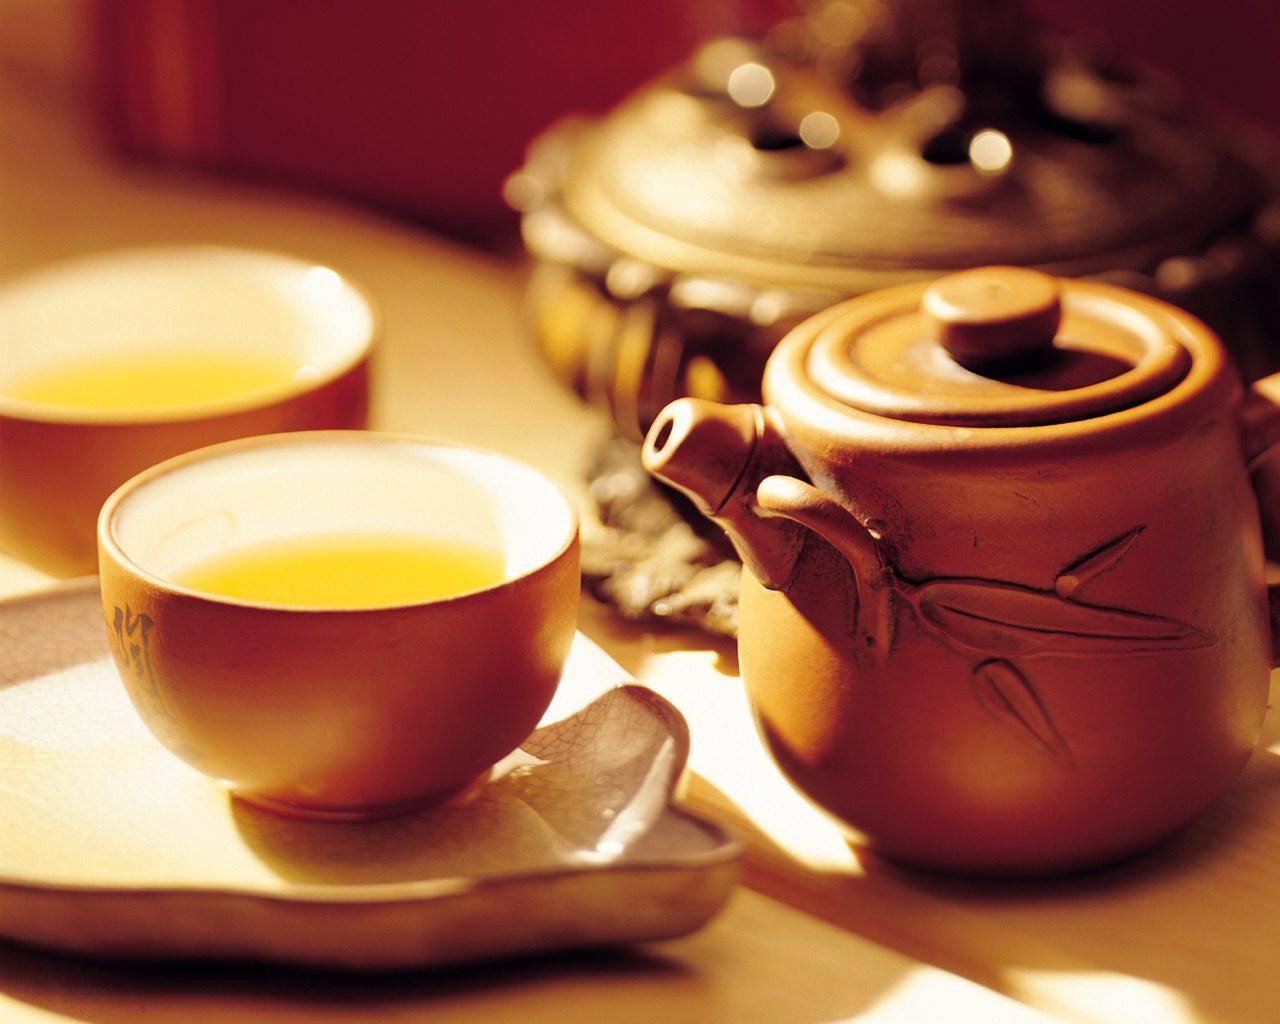 Tác dụng và cách sử dụng của trà hồng sâm